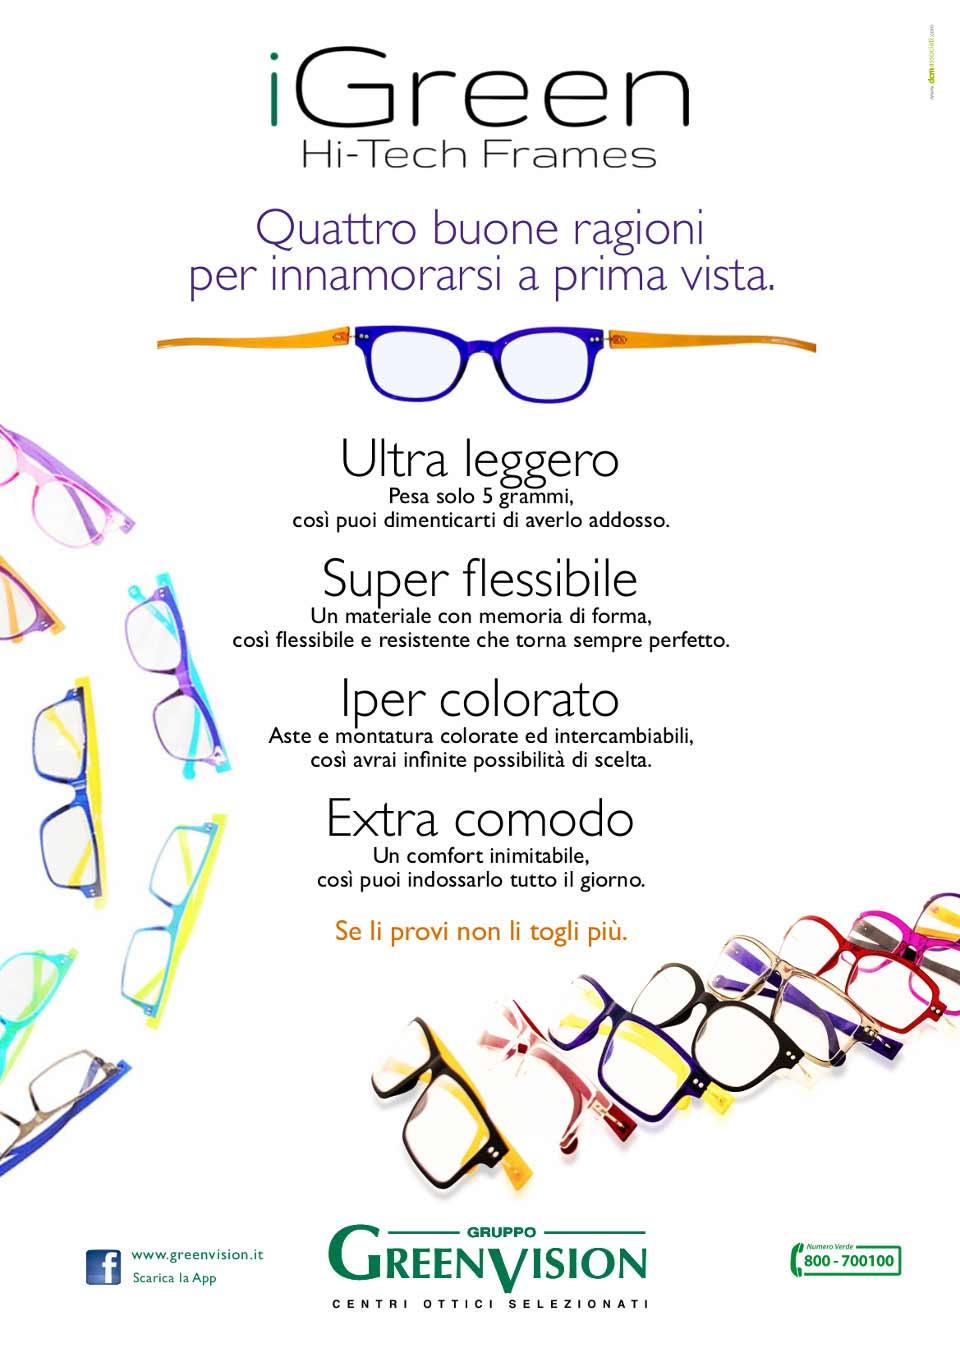 iGreen Hi-Tech Frames per gli occhiali da vista a Verona